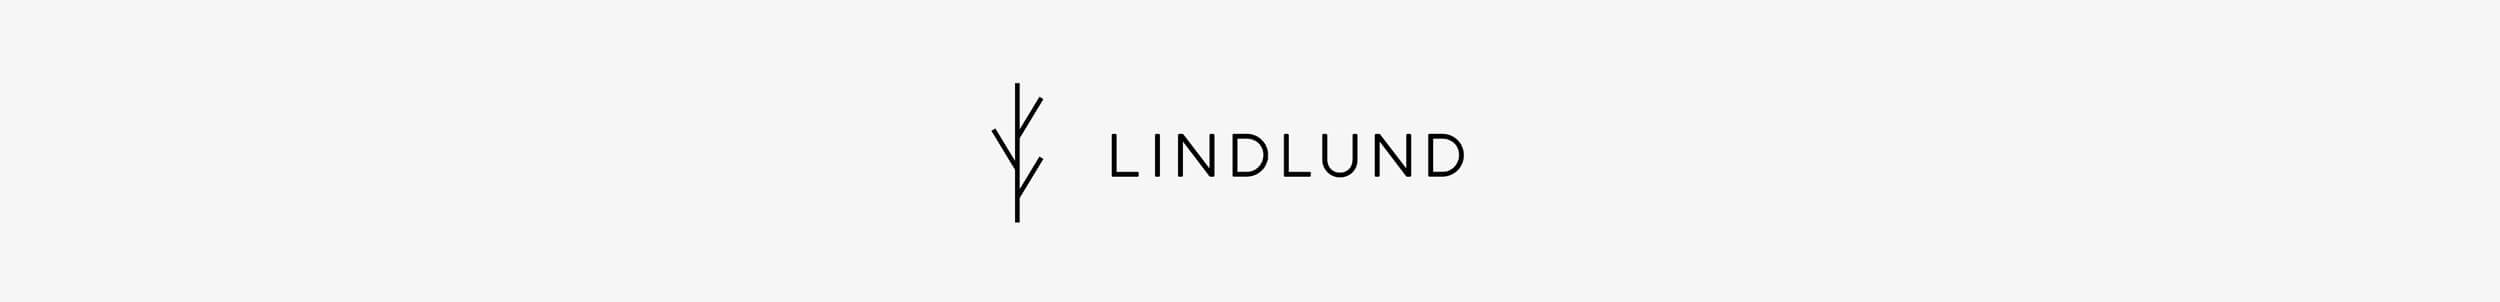 lindlund_symbol-01-2